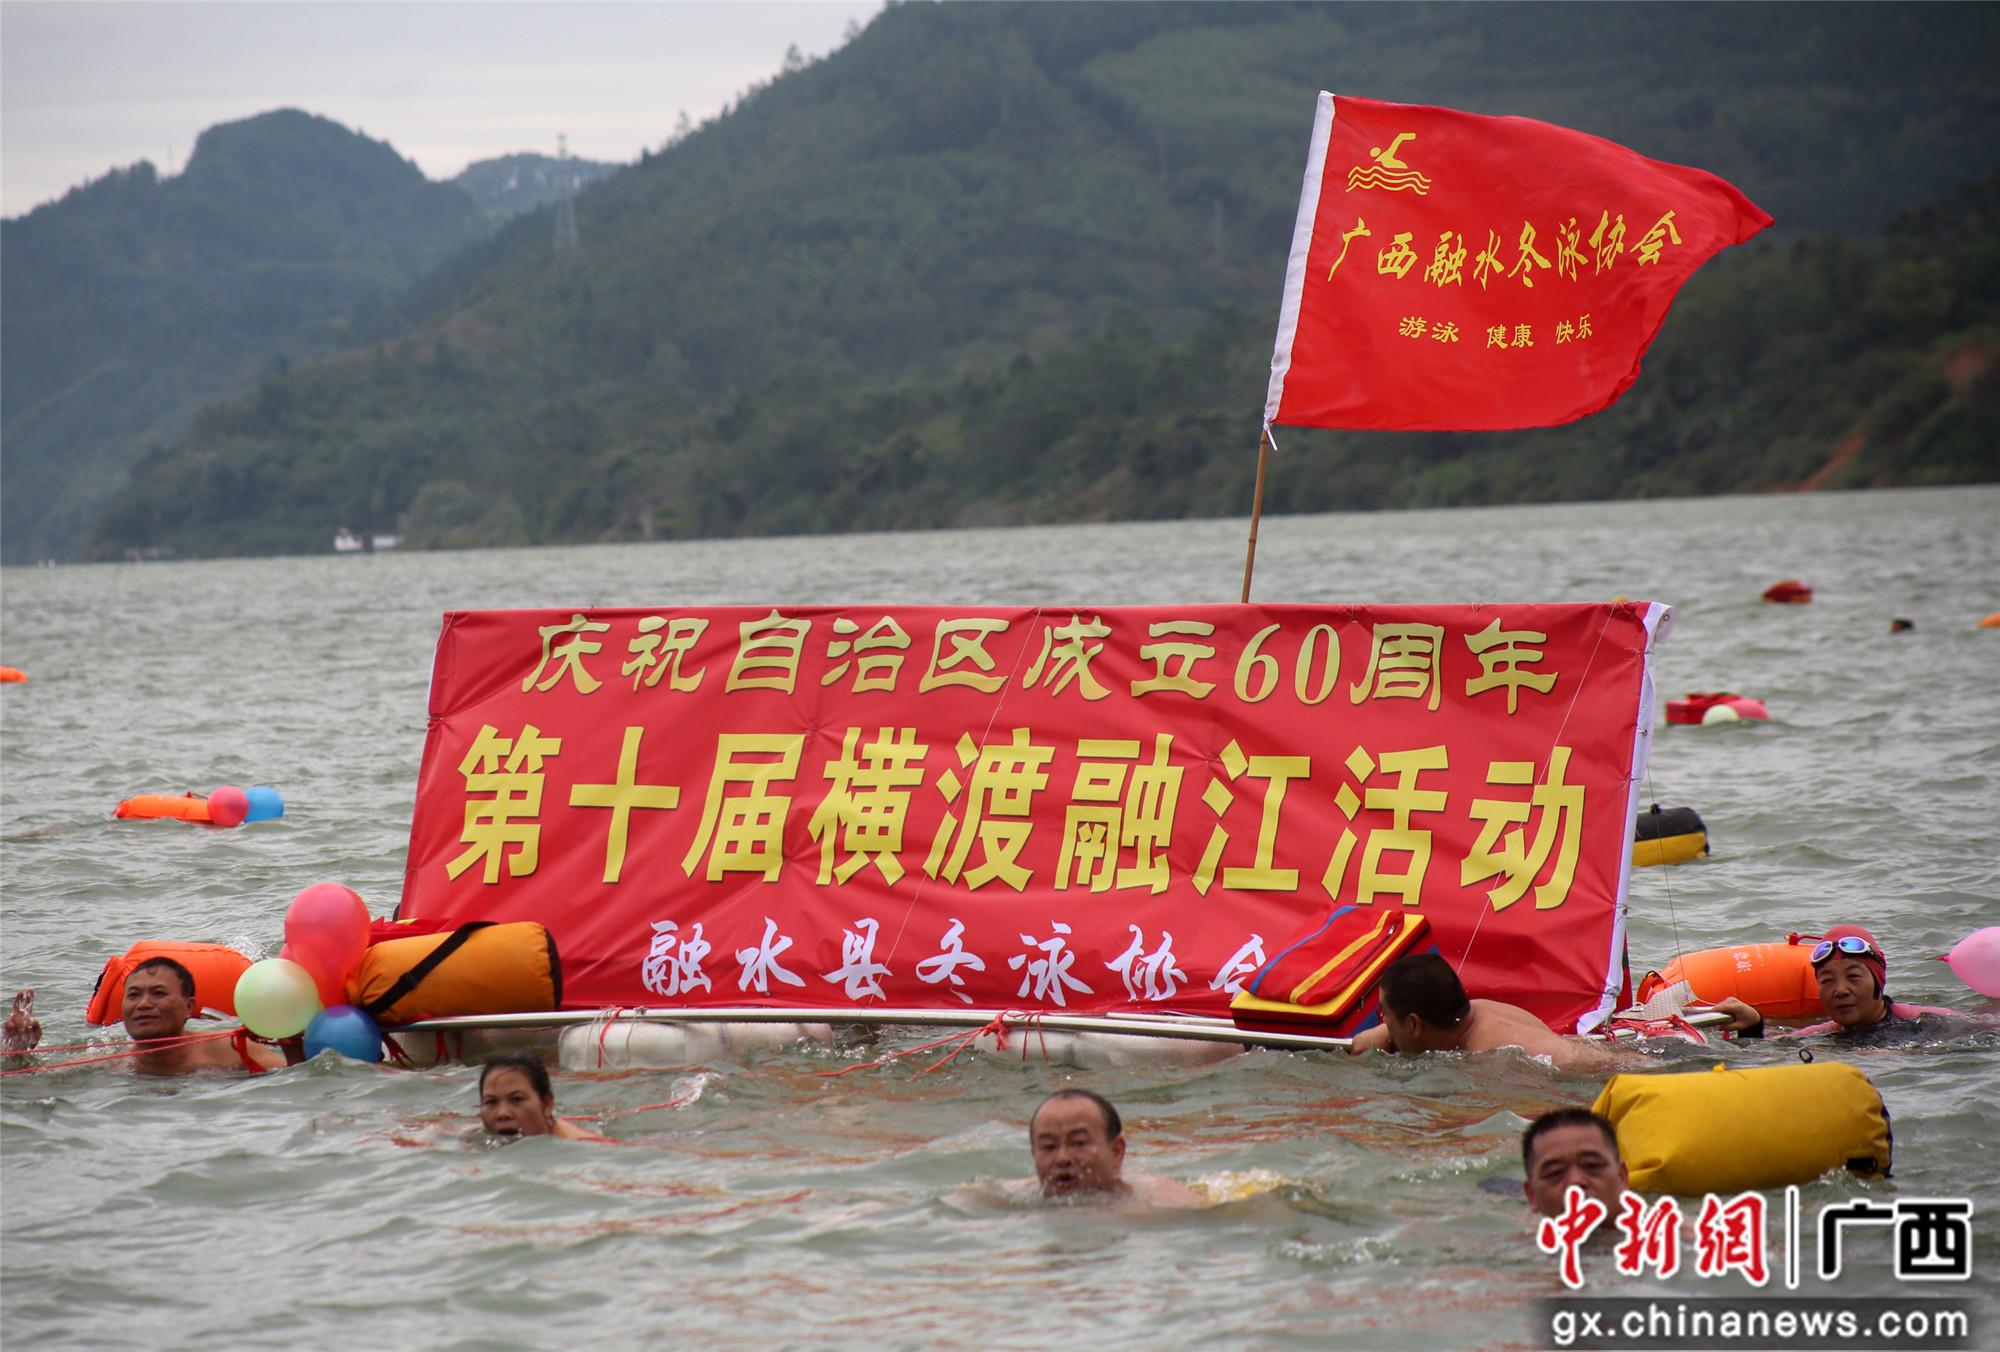 广西融水民众寒天赛冬泳